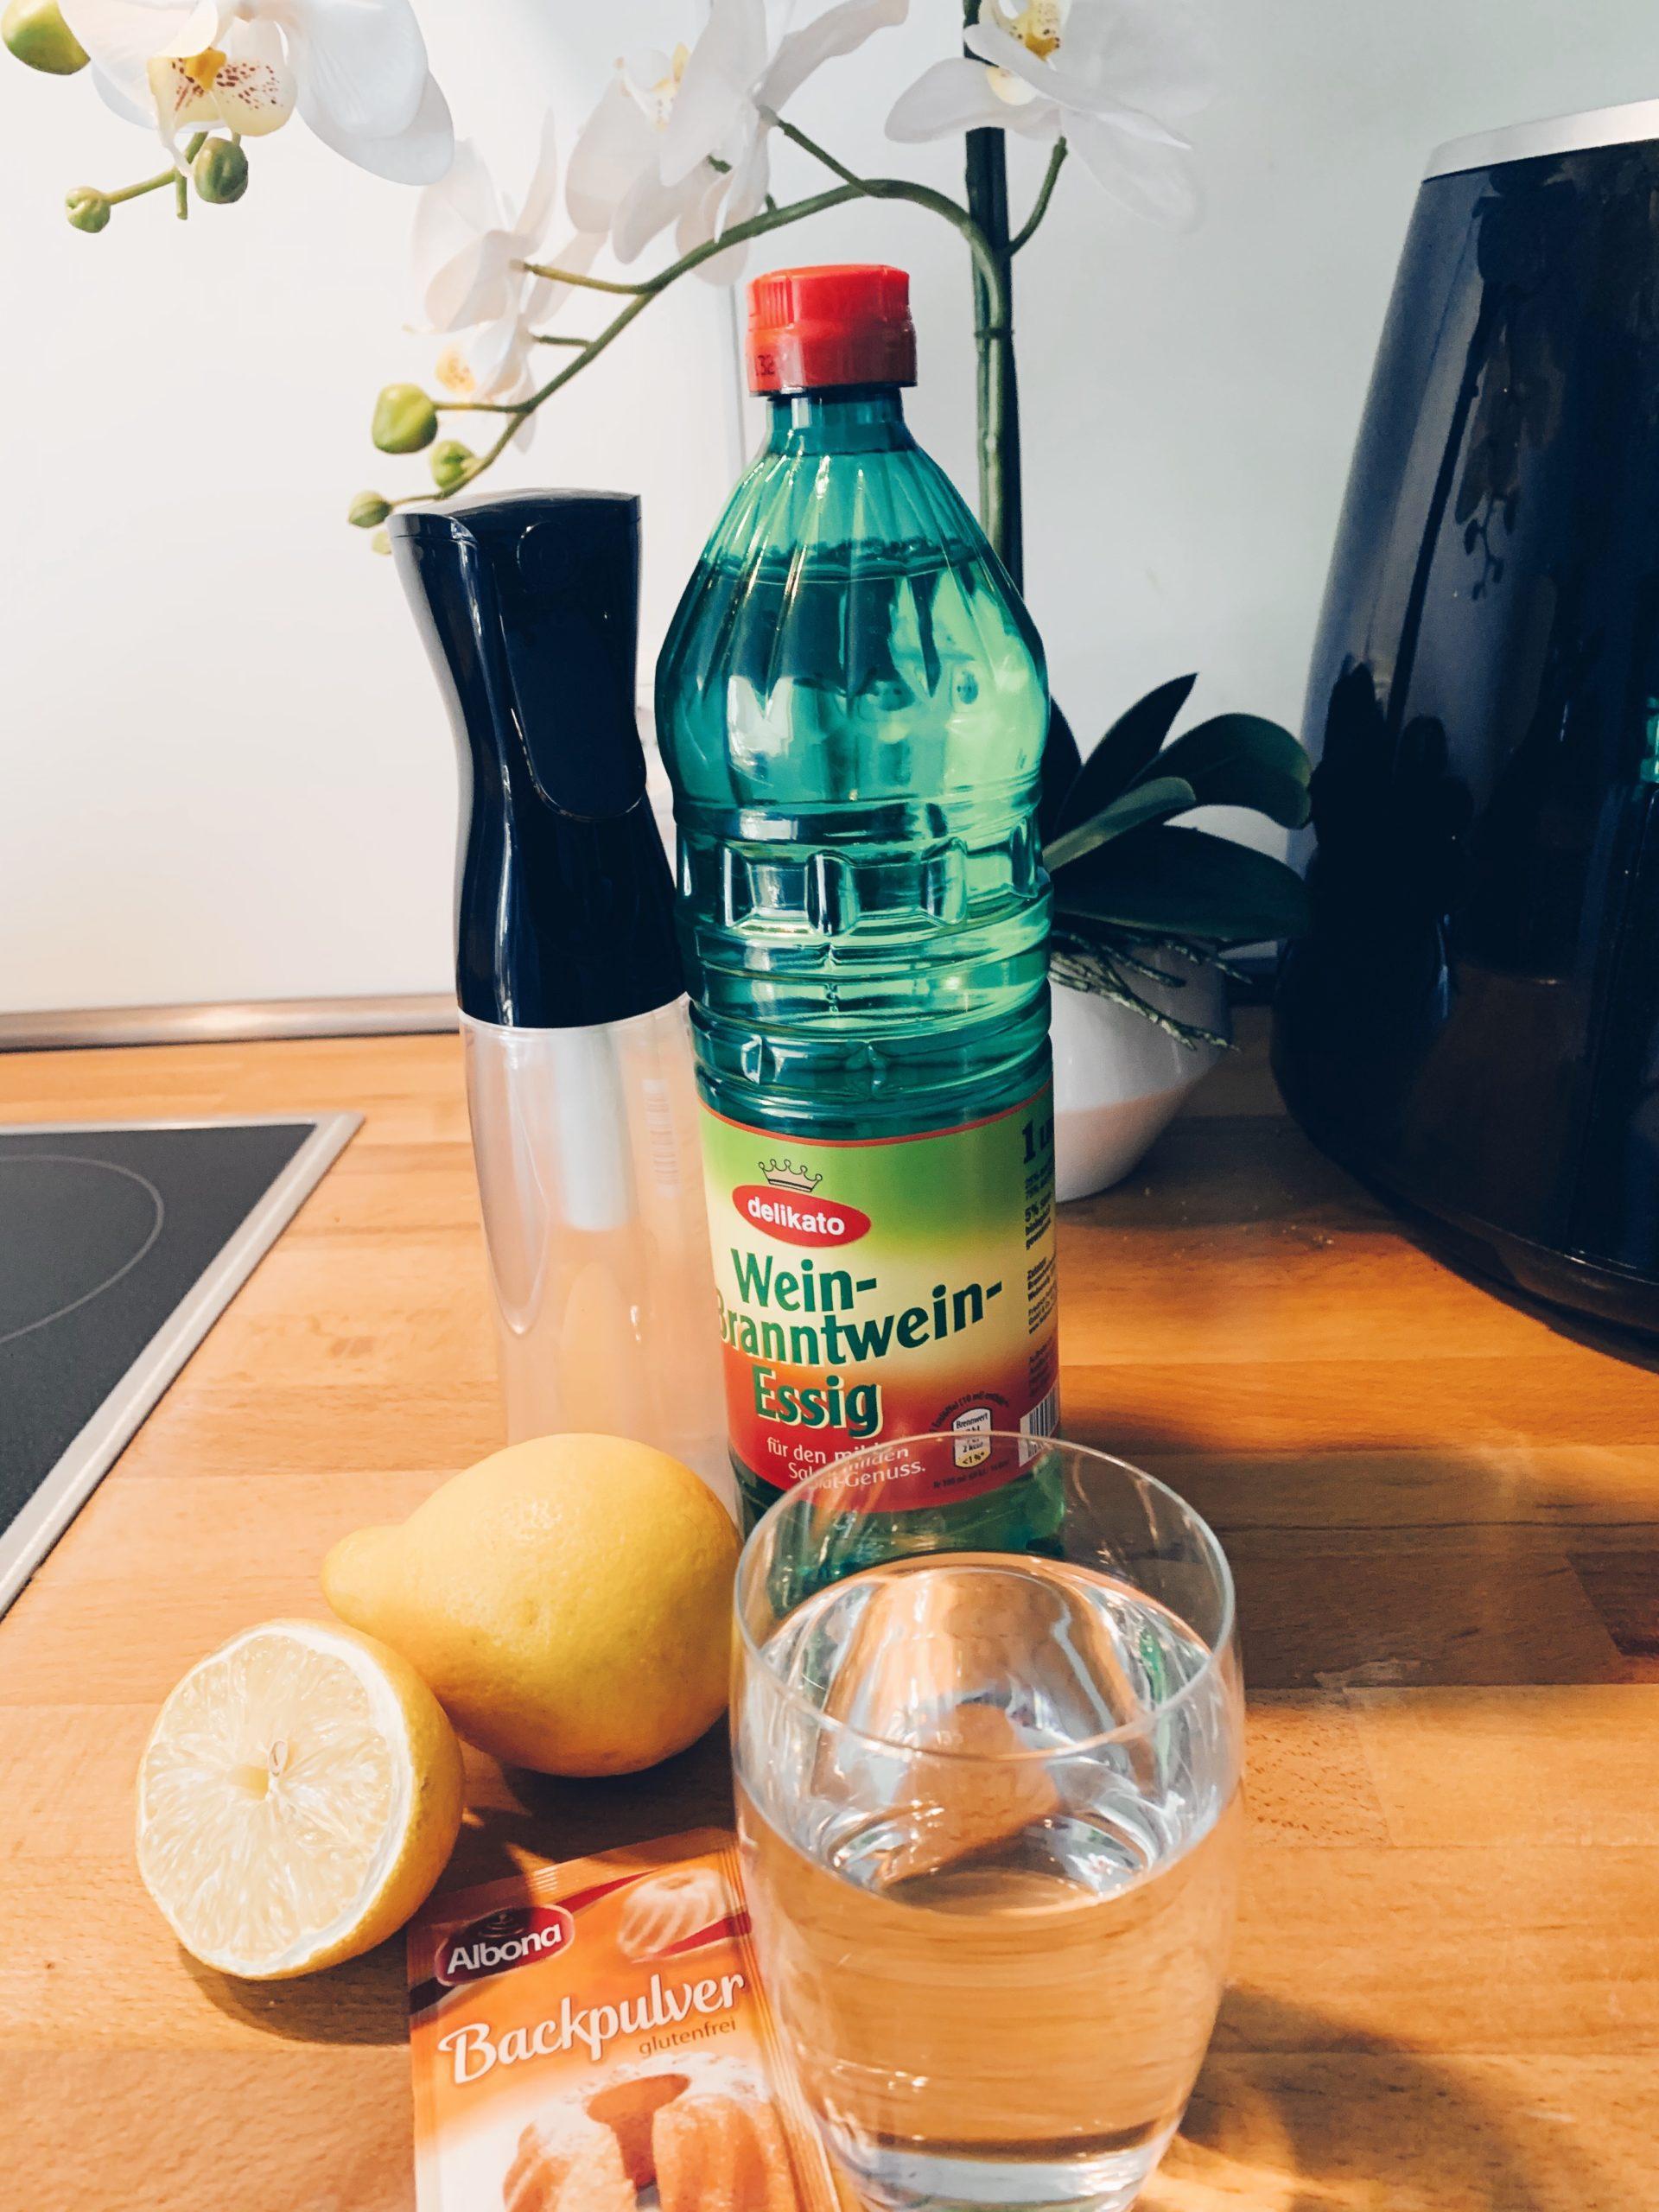 Obst richtig waschen, Zutaten, Obst- und Gemüsereiniger, natürlicher Obst- und Gemüsereiniger, DIY Obst- und Gemüsereiniger, Obst natürlich reinigen, Gemüse natürlich reinigen, Reinigen mit Essig und Zitrone, natürlich reinigen, chemiefrei